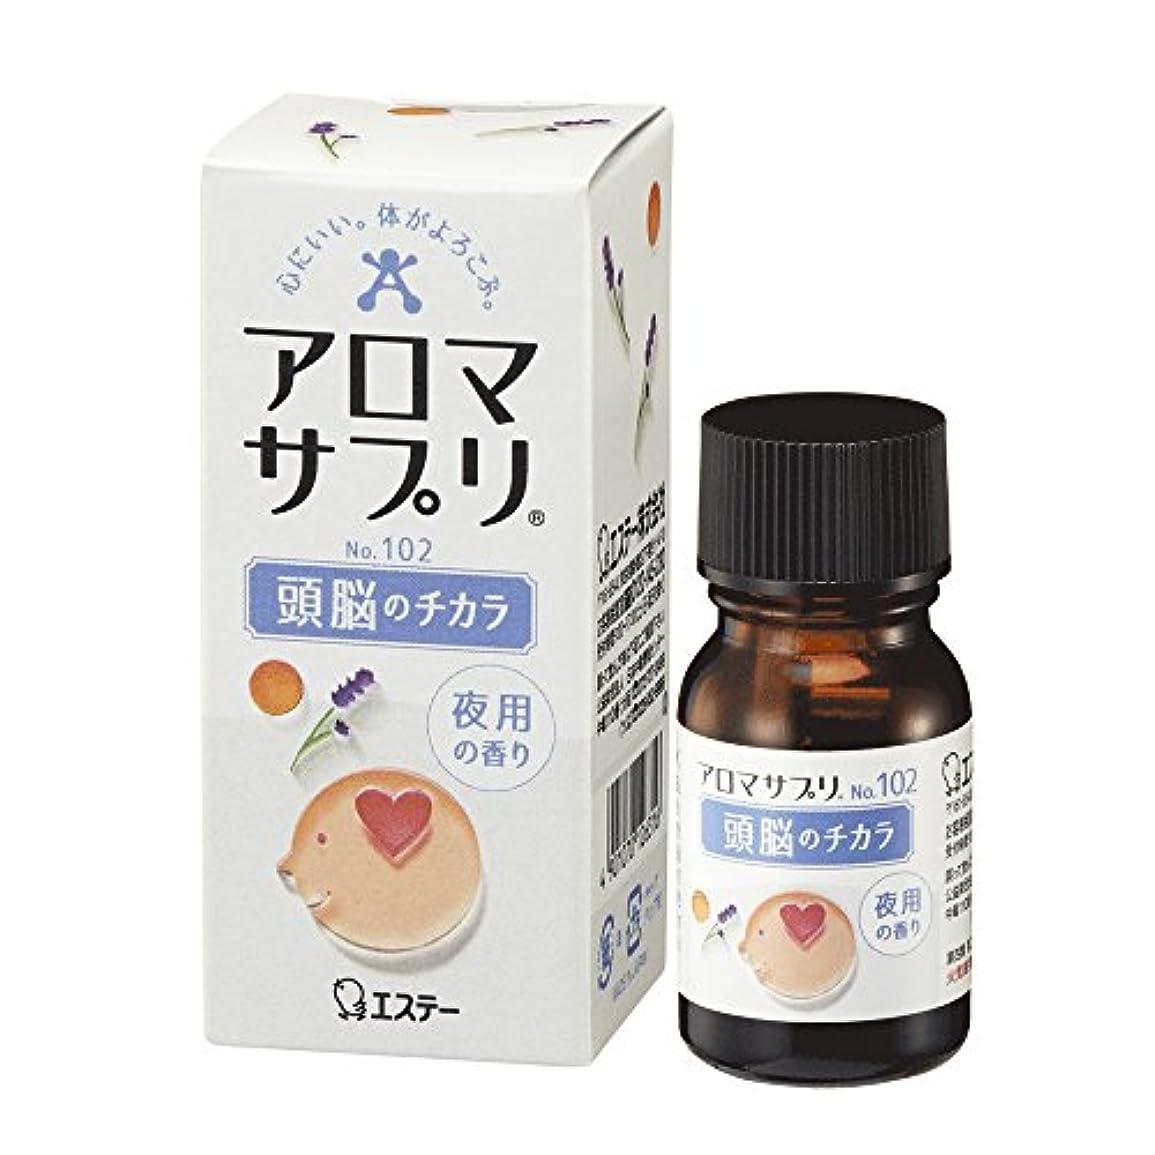 寄託責任内訳アロマサプリ 100%天然ブレンドアロマ 頭脳のチカラ 夜用の香り 真正ラベンダー&スイートオレンジ 10ml (約60回分)